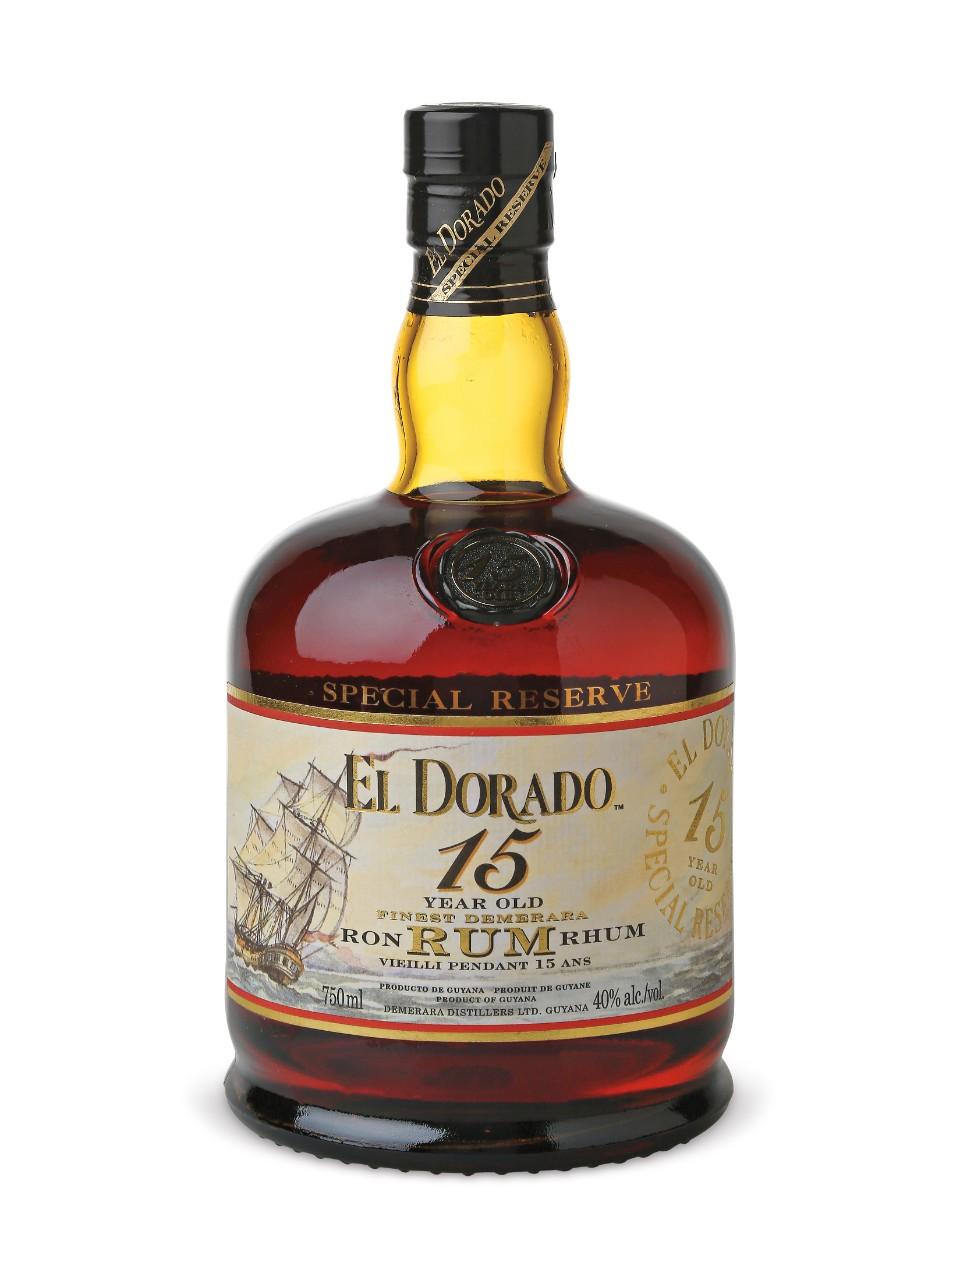 El Dorado Special Reserve 15 Year Old Rum